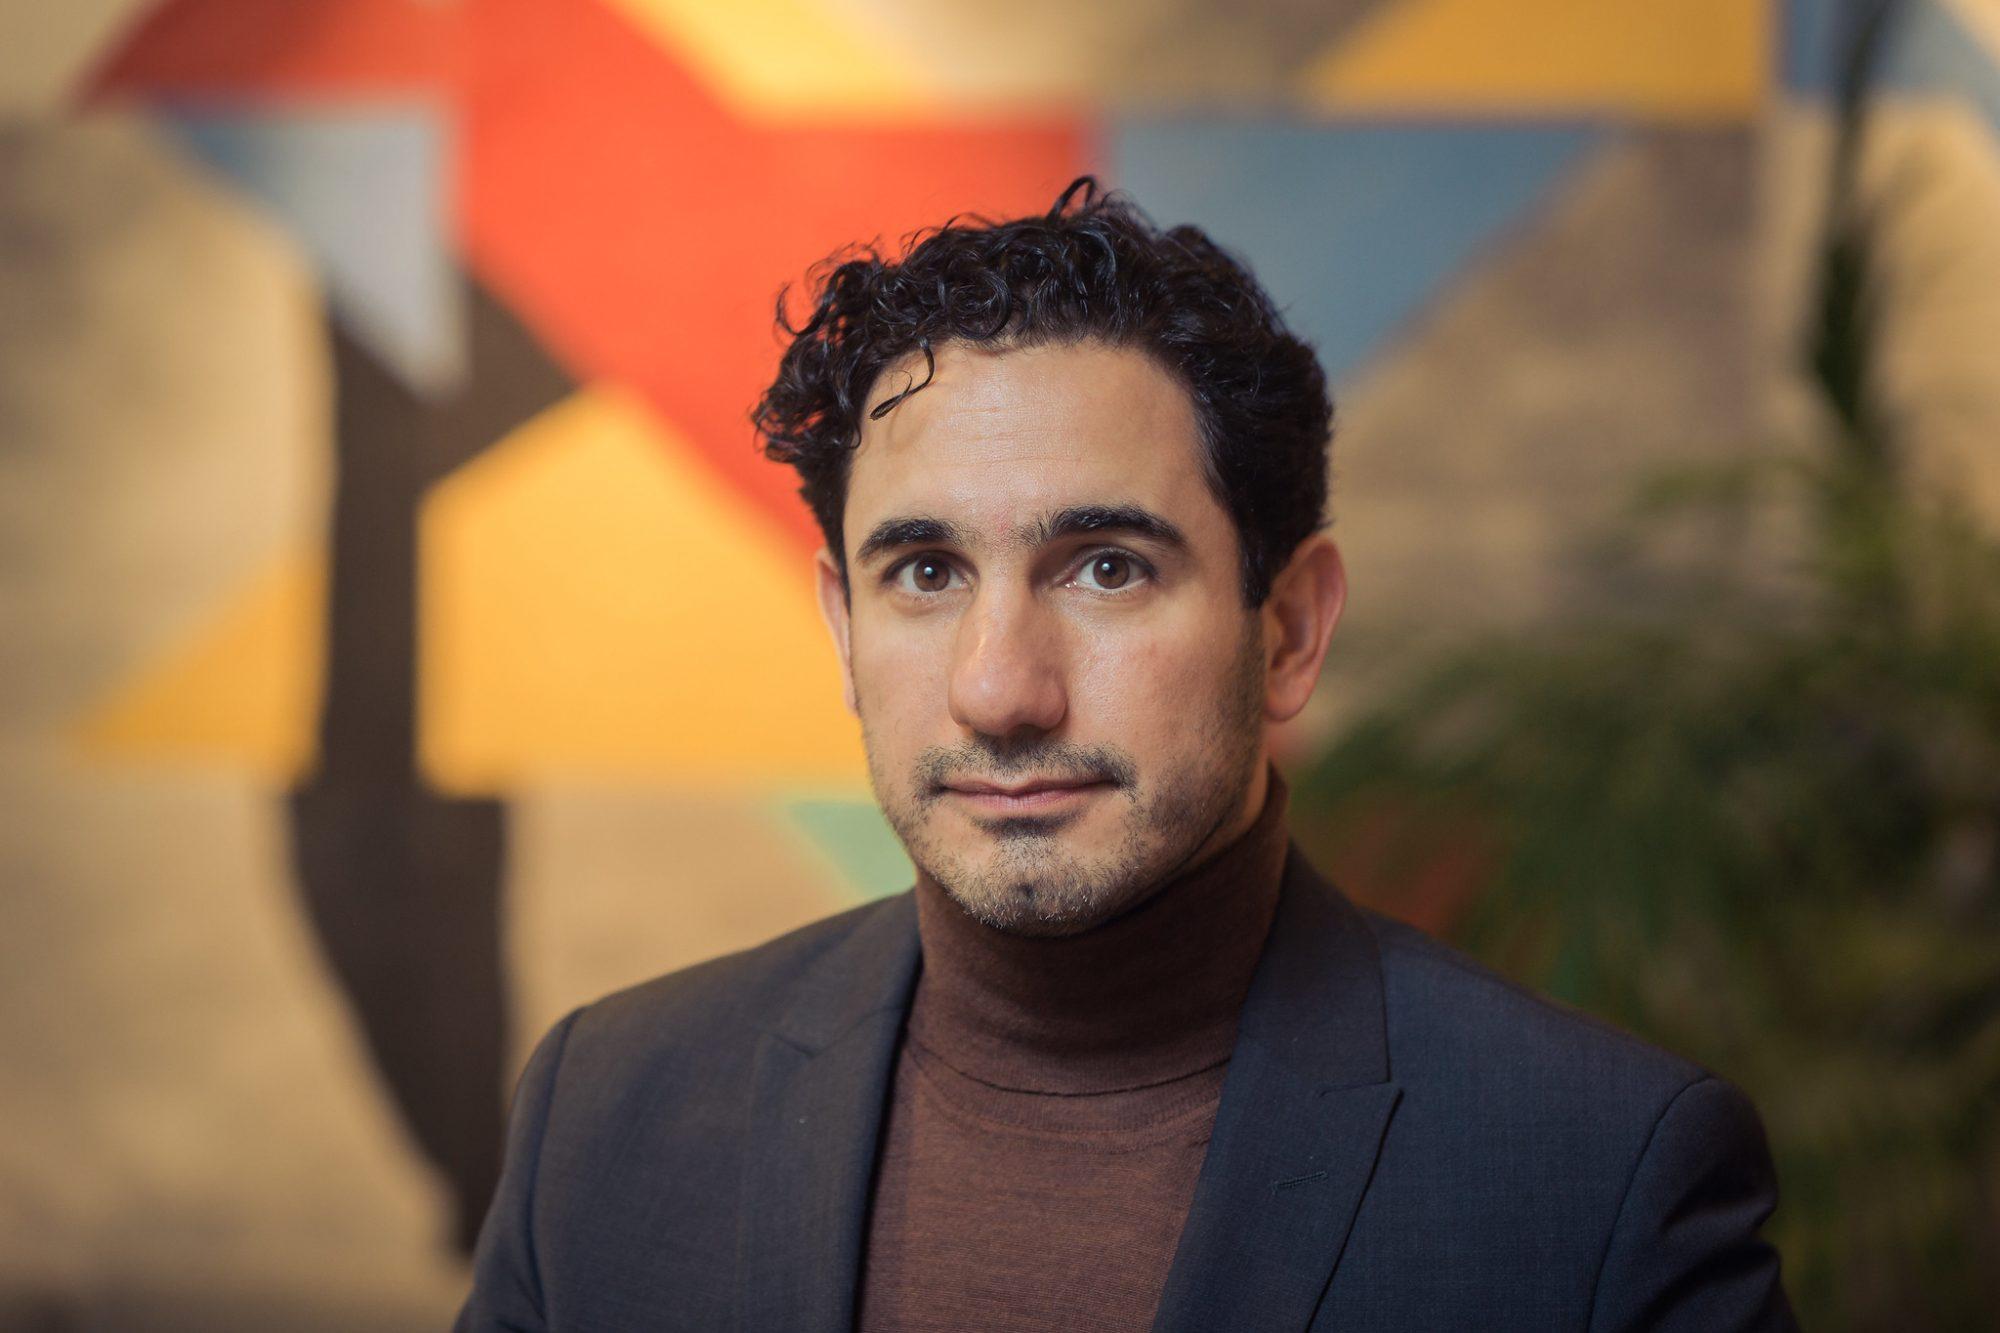 Fuckboy: Praktisk handbok i konsten att dejta - Google bcker, resultat